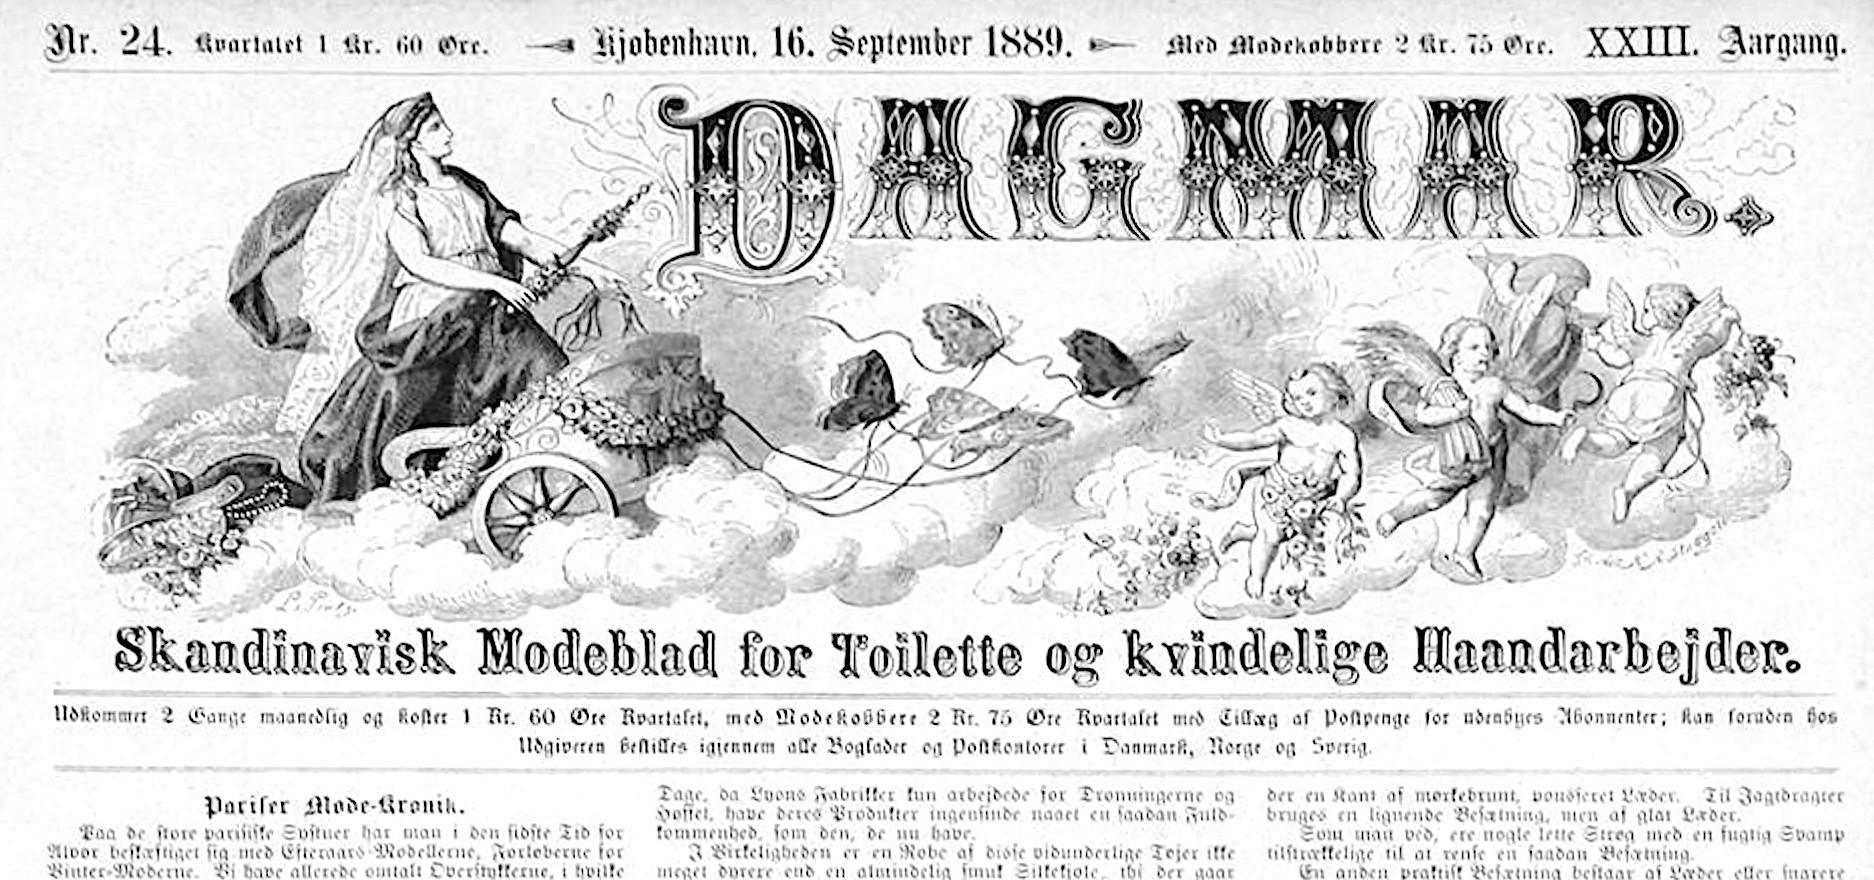 Dagmar 1889